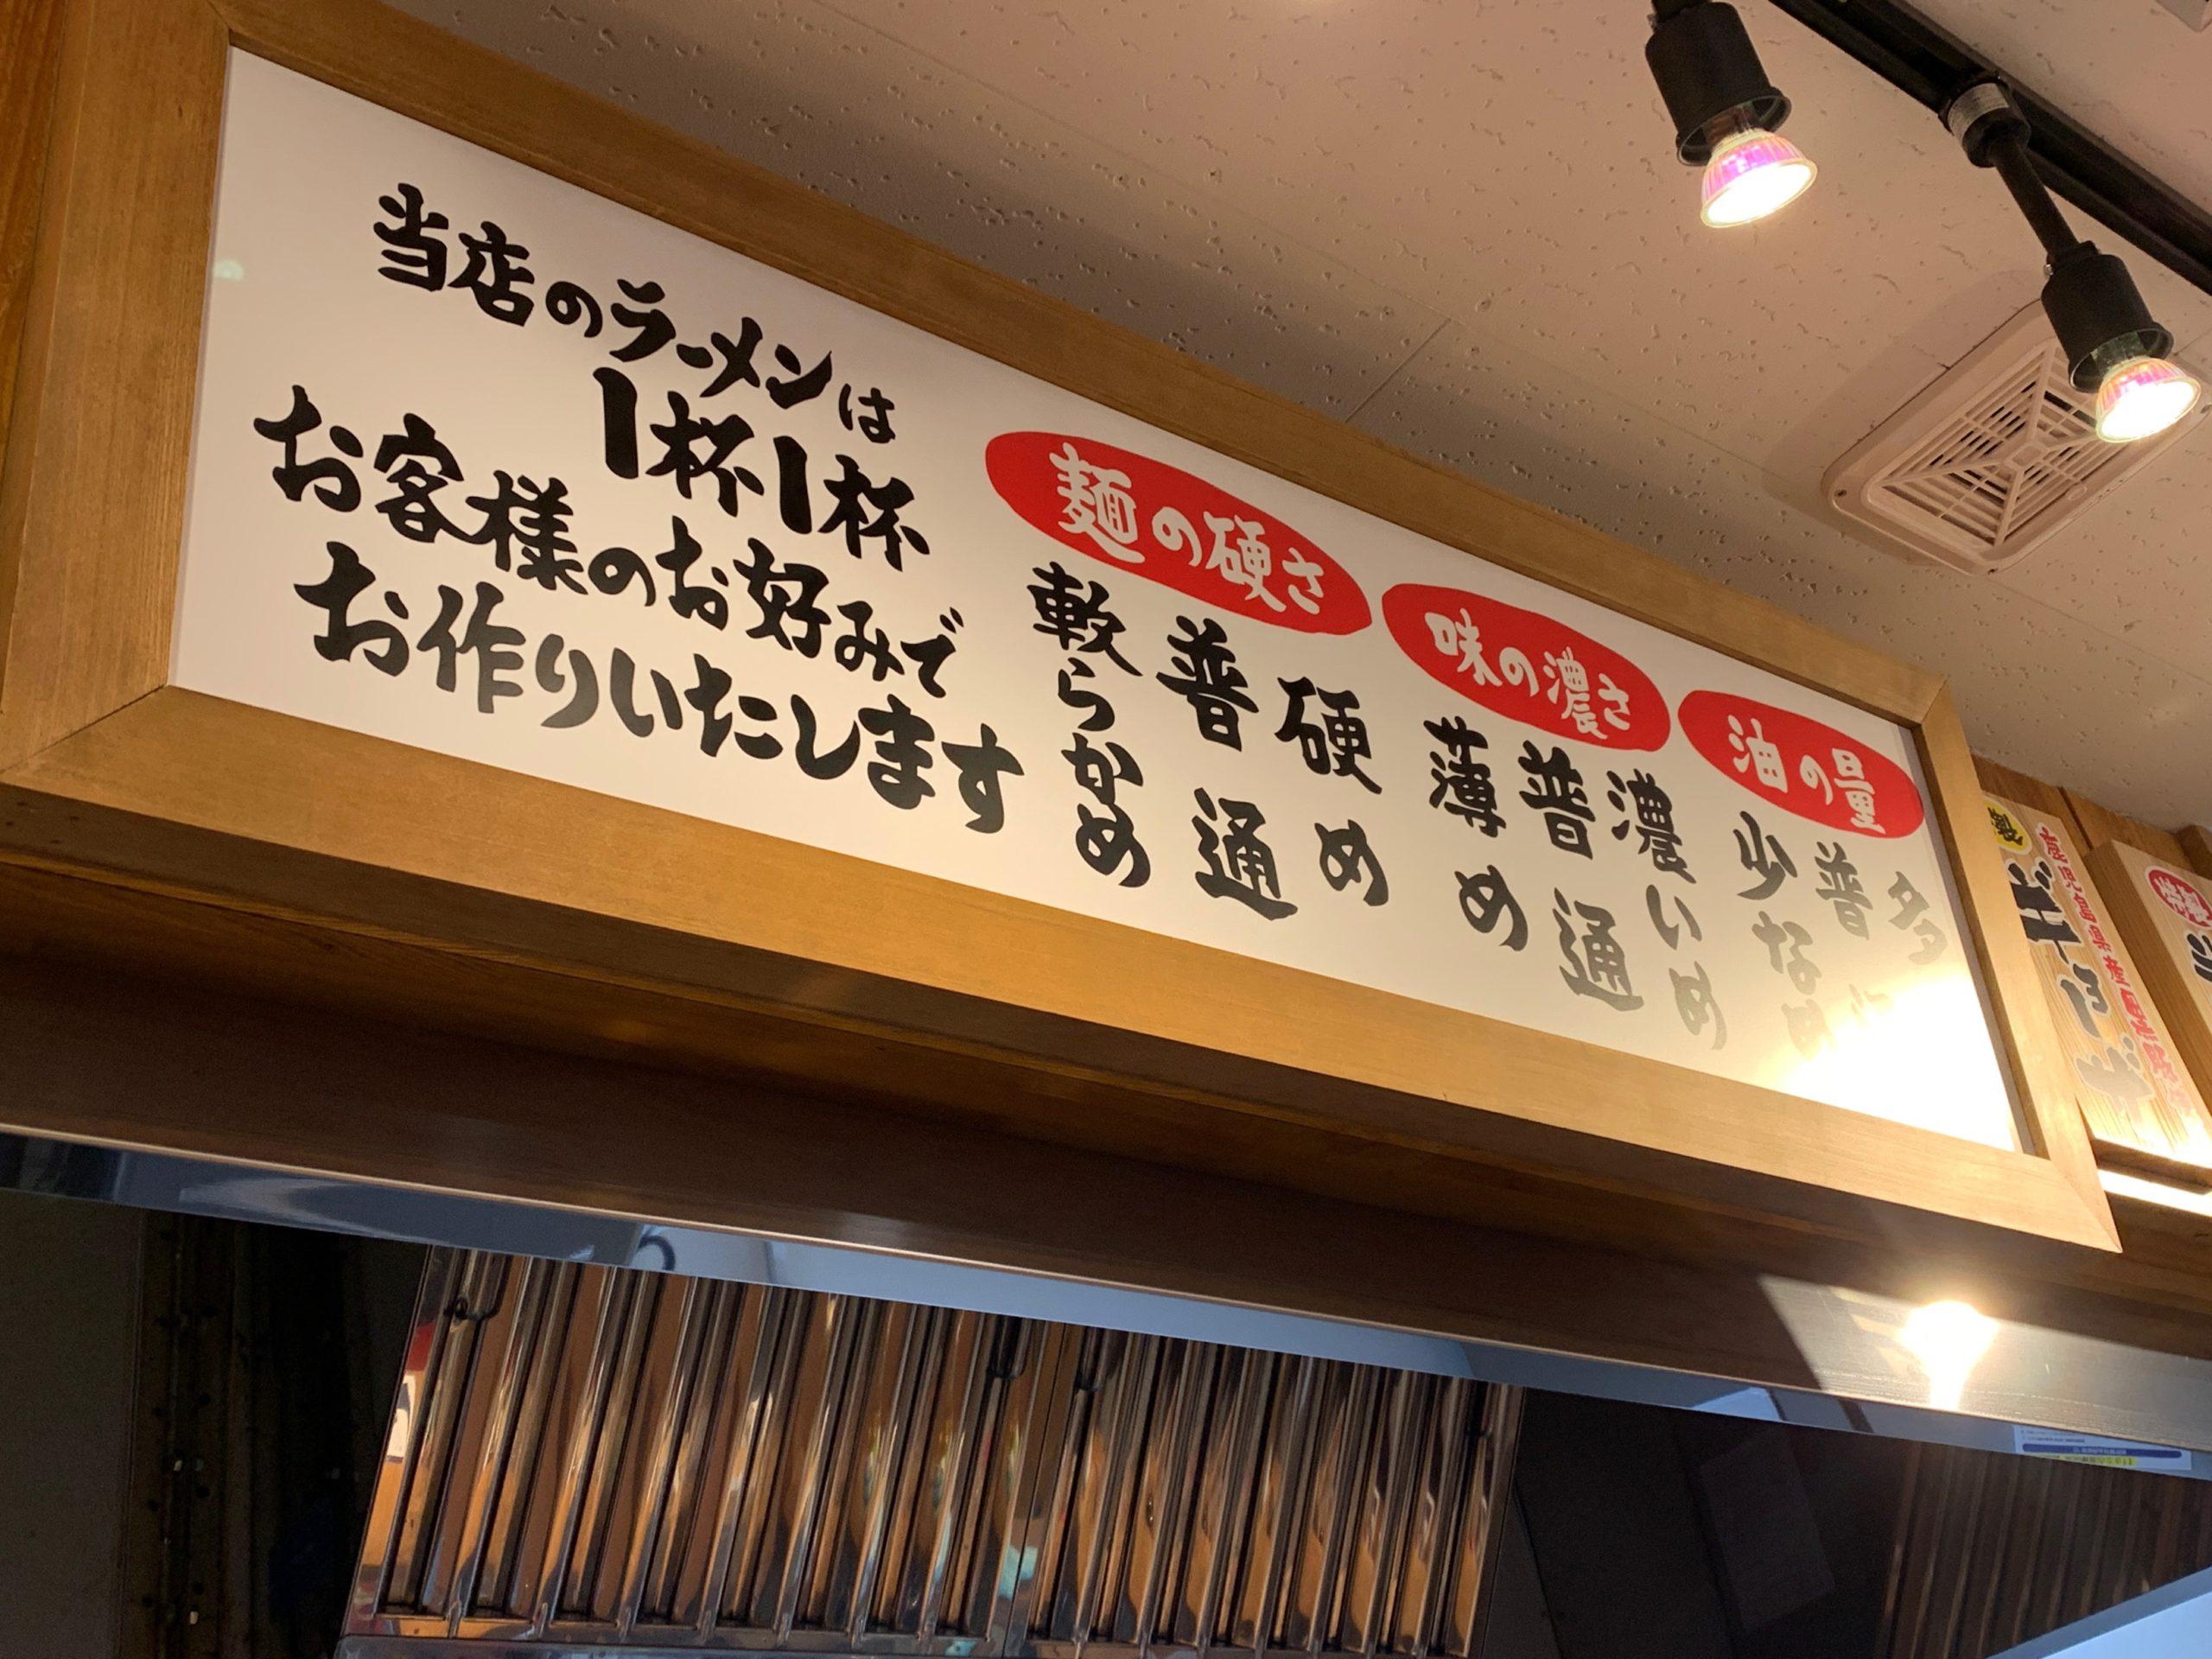 横浜家系ラーメン春吉家のラーメンの美味しさの調整